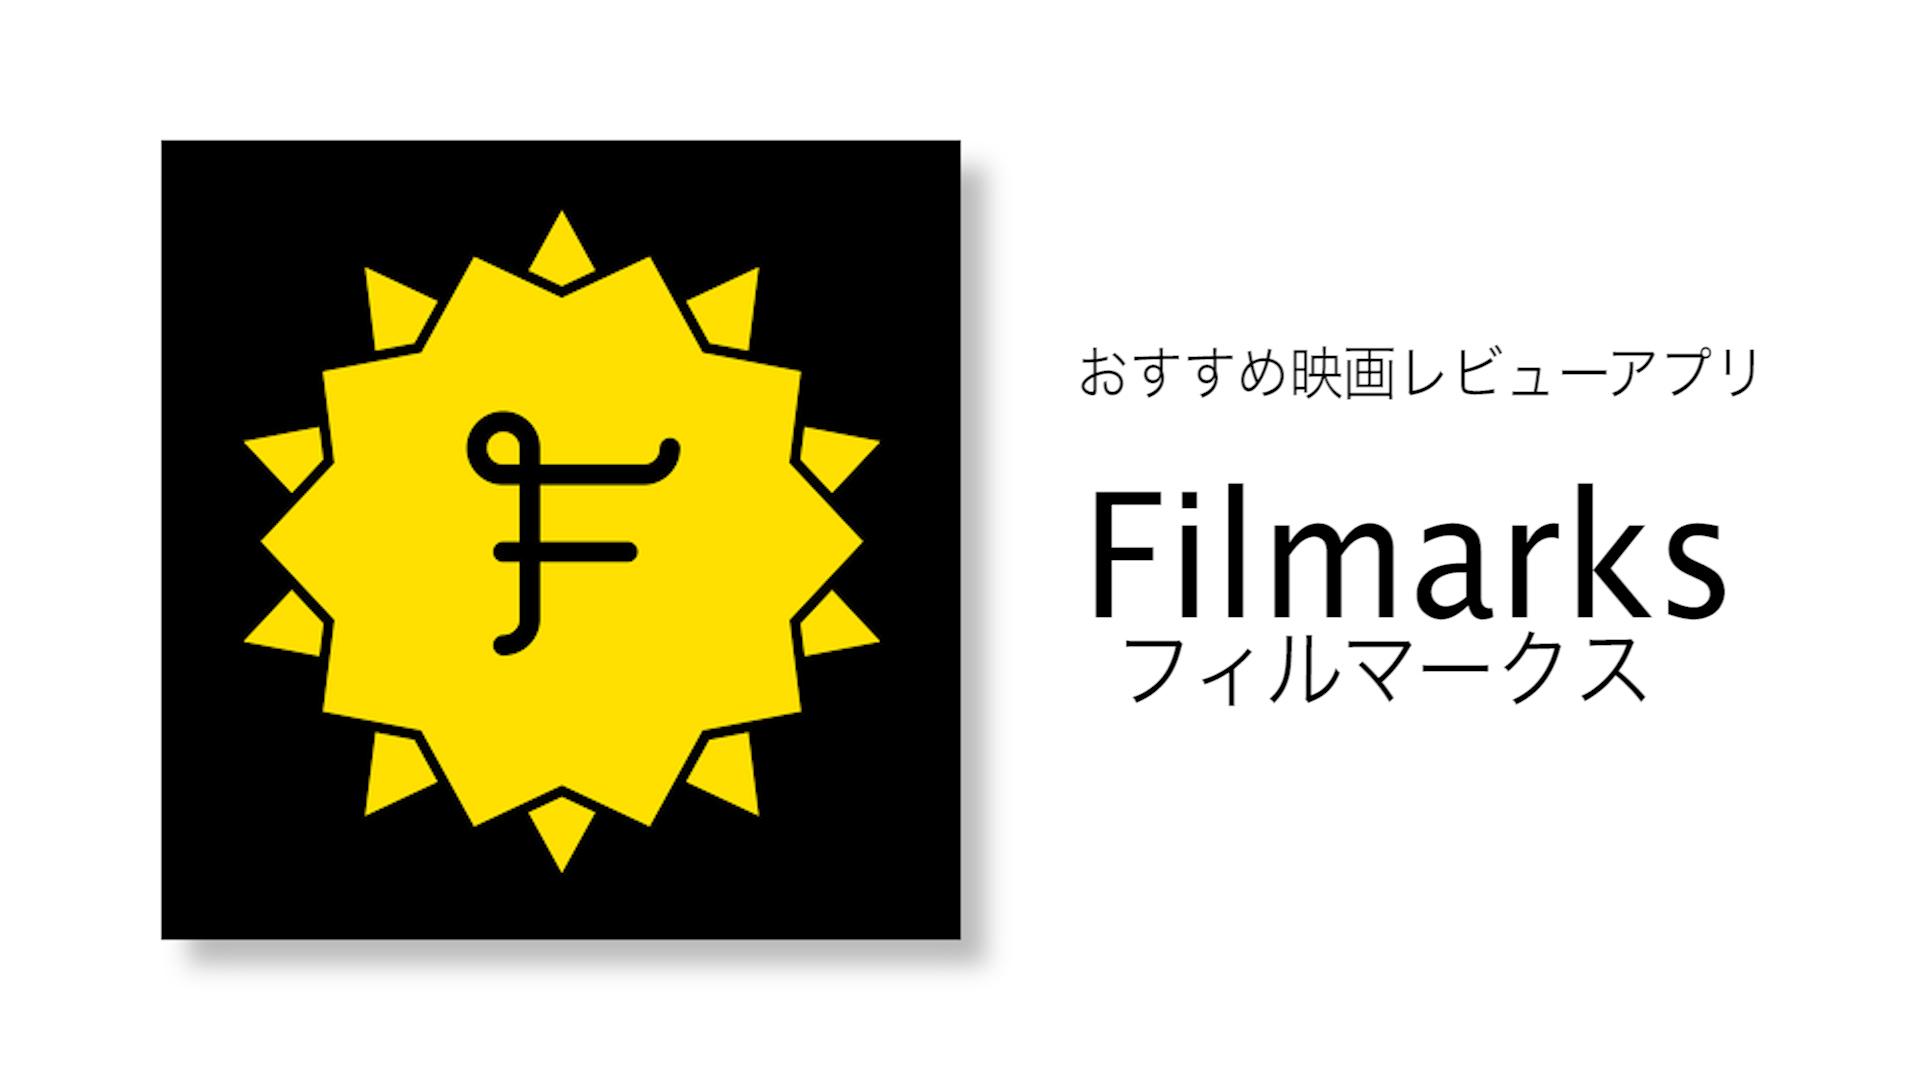 フィルマークス 映画レビュー アプリ